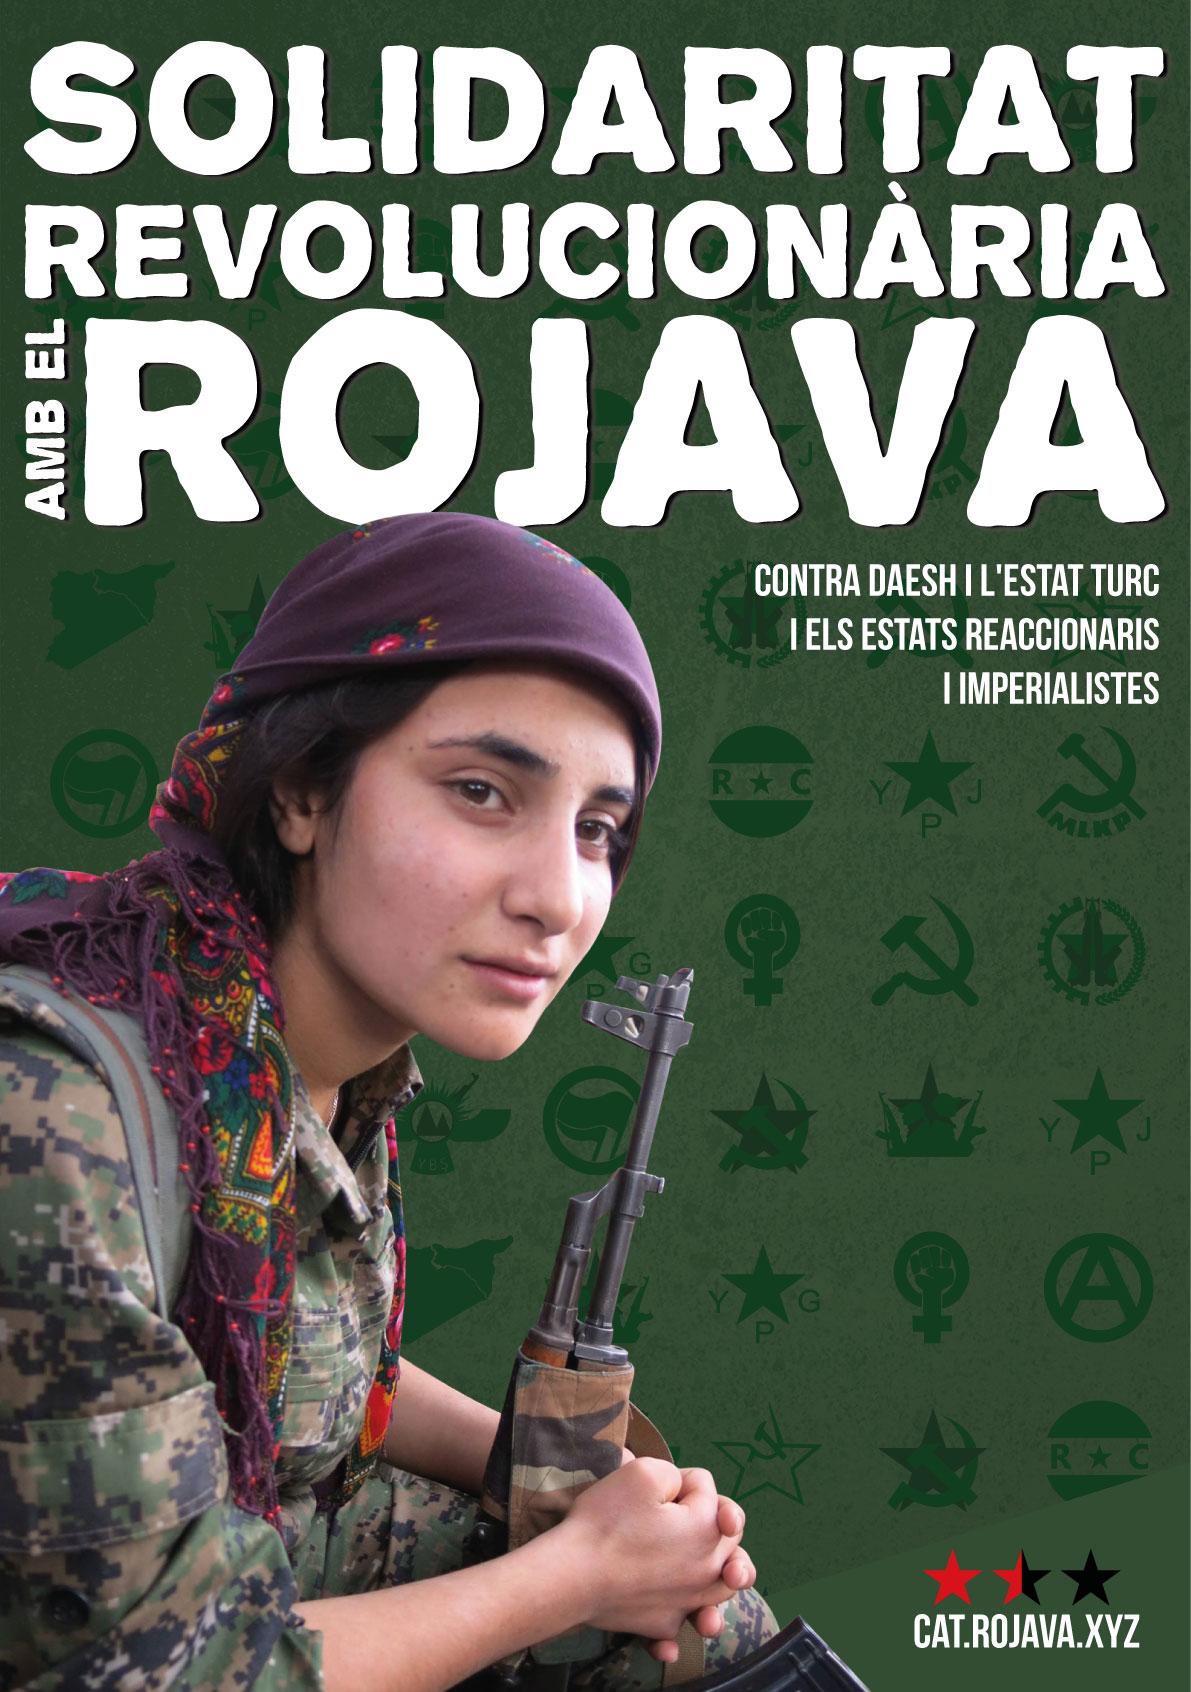 Solidaritat revolucionària amb el Rojava